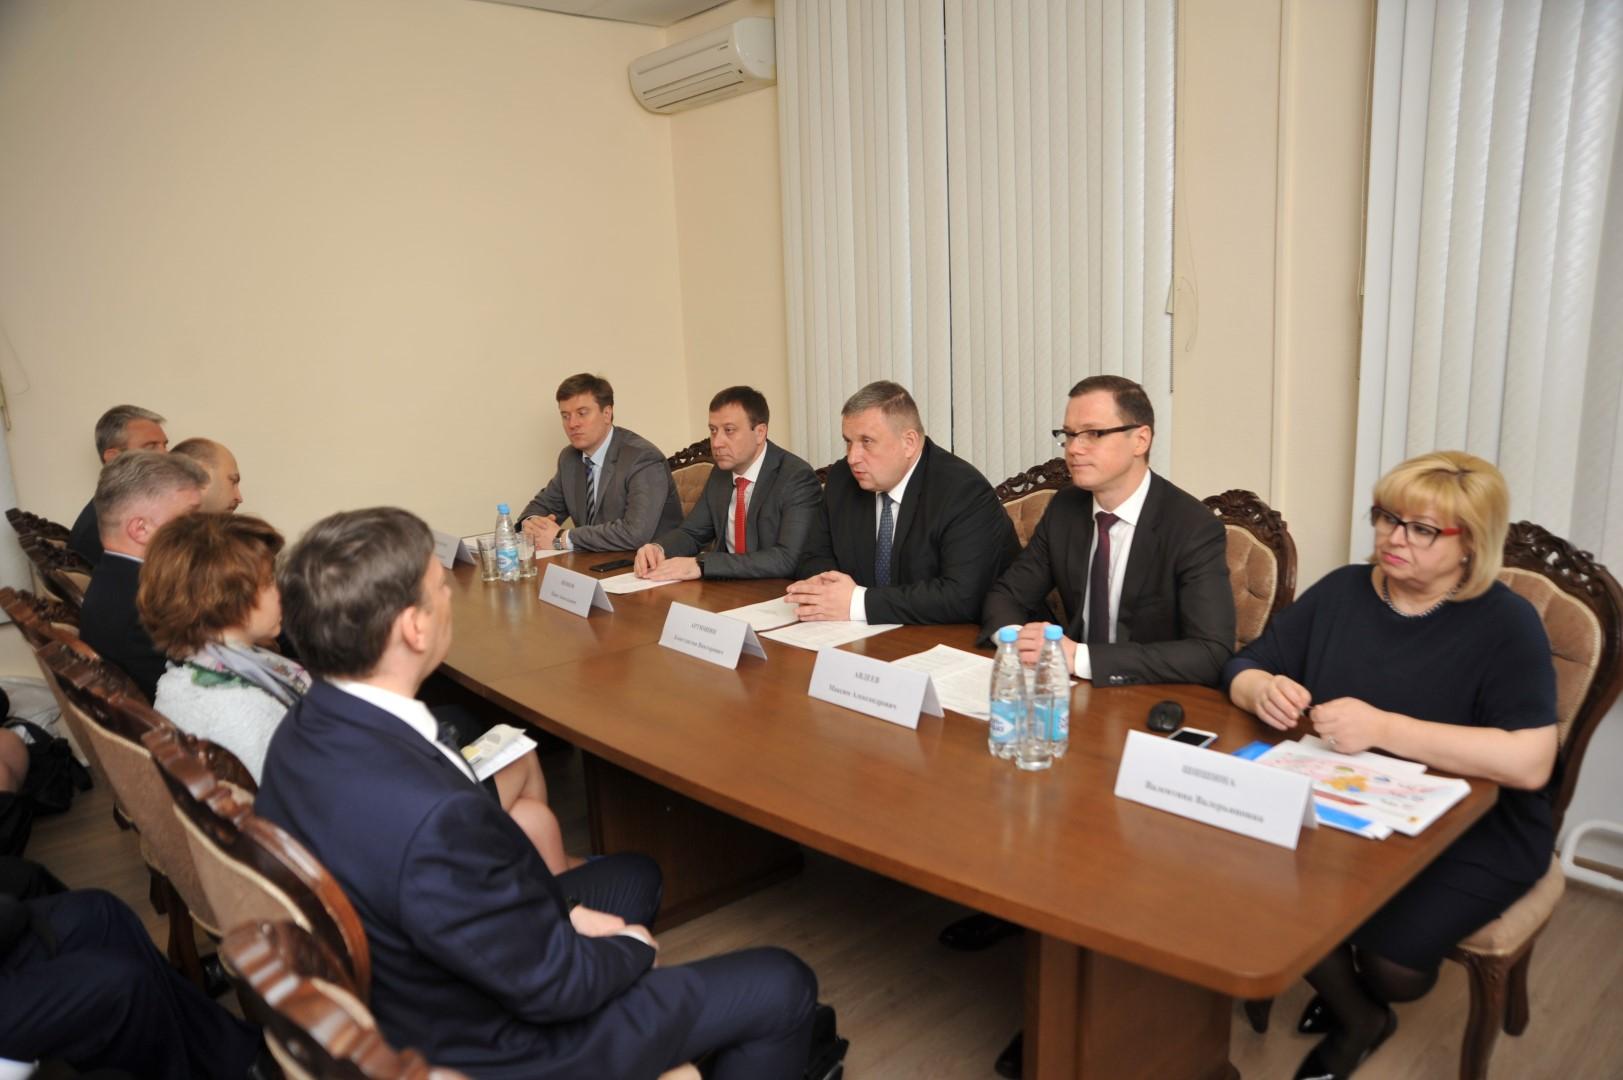 Республика Беларусь оценила потенциал Ярославской области: как будут развиваться дальнейшие экономические отношения